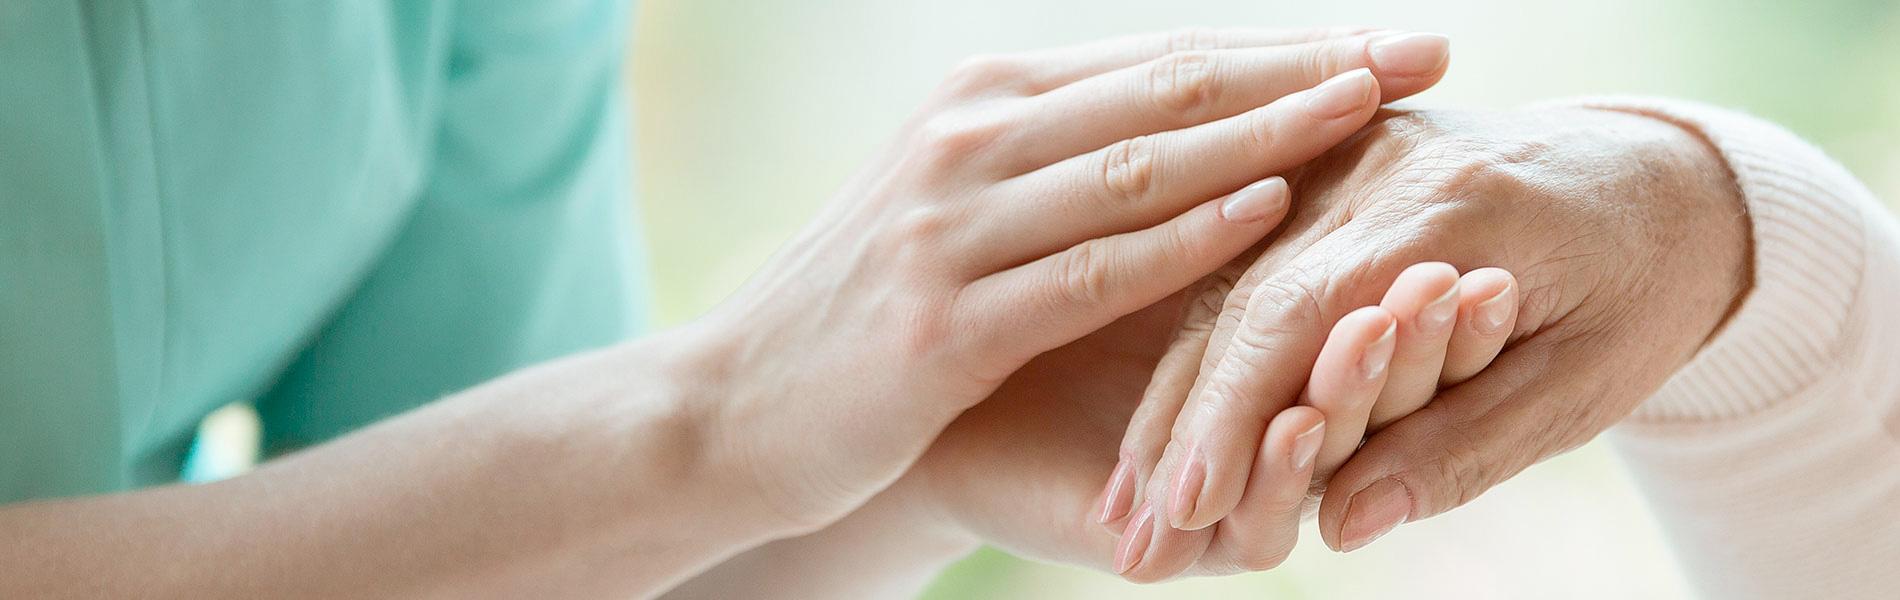 患者さんの手を握るイメージ写真